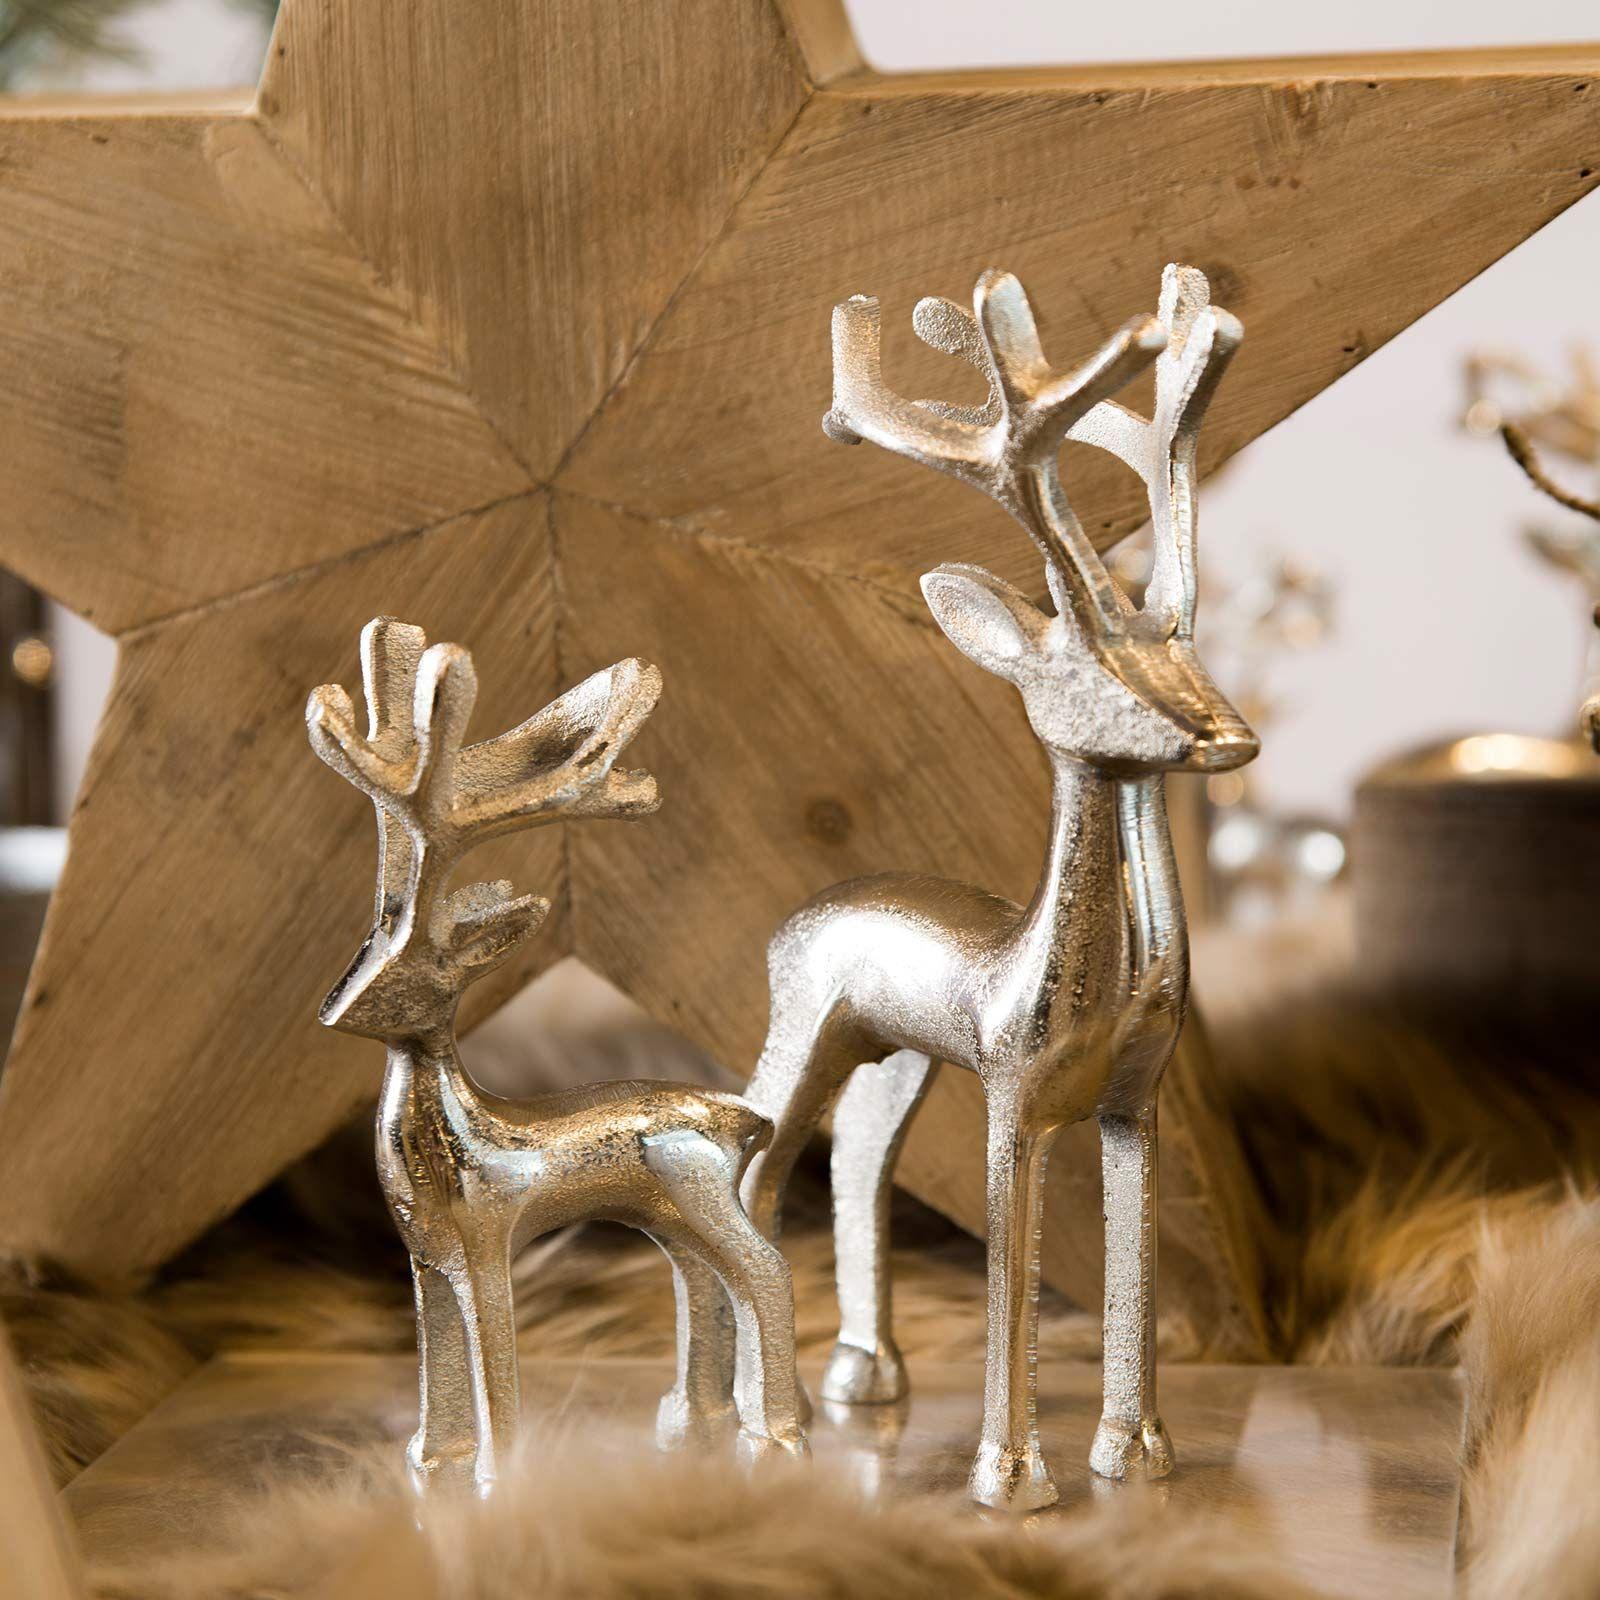 dieser hirsch lasst sich vielseitig kombinieren adventsdeko weihnachten dekoration winterzeit wanddekoration selber machen hirschkopf deko weiß